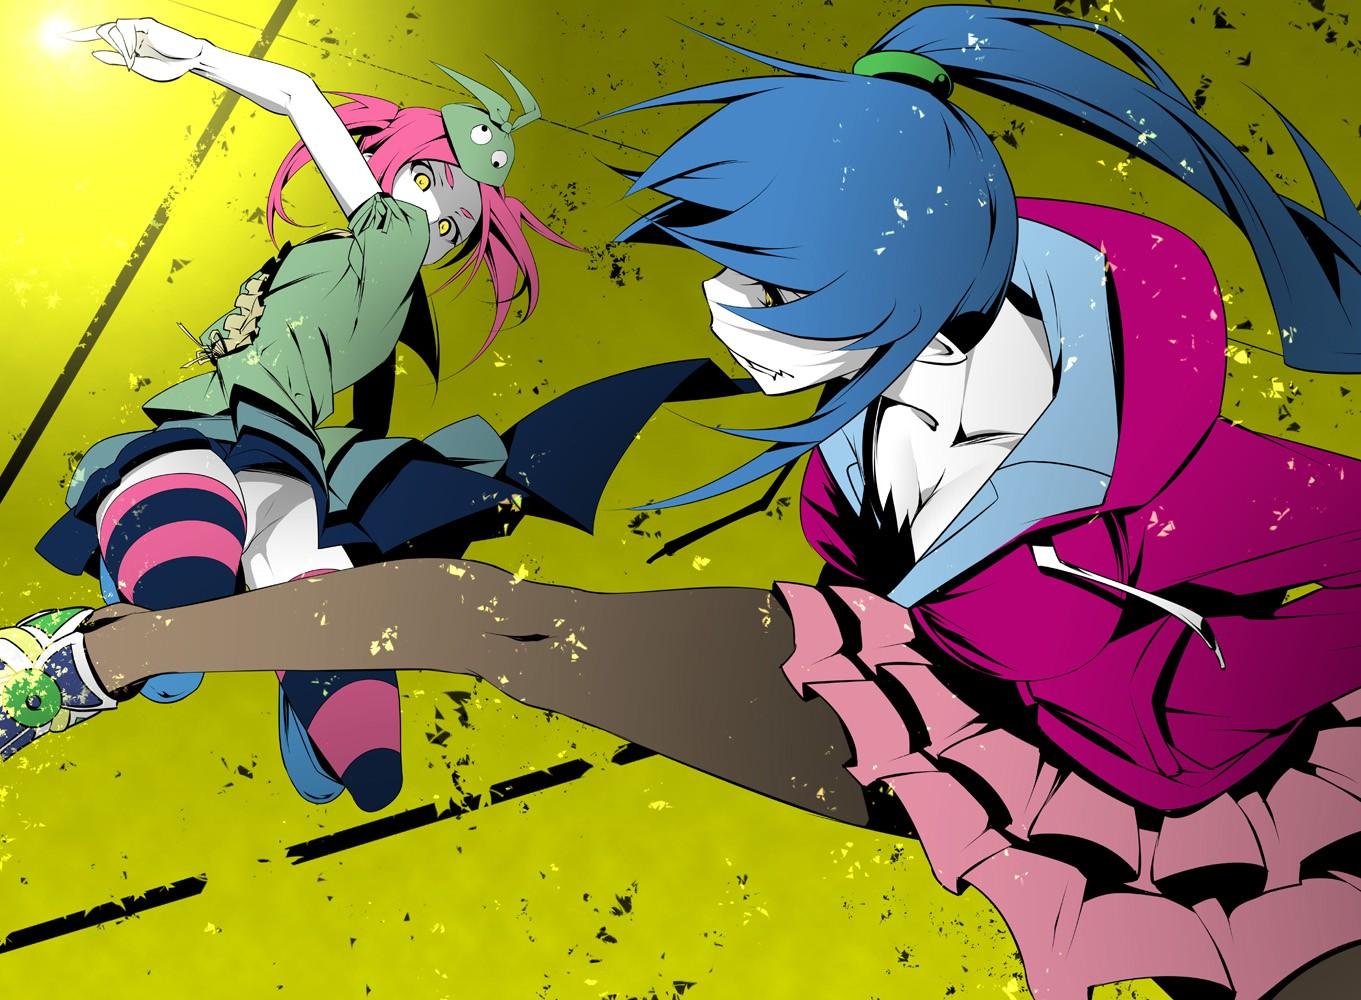 デスクトップ壁紙 カラフル 図 物語シリーズ アニメの女の子